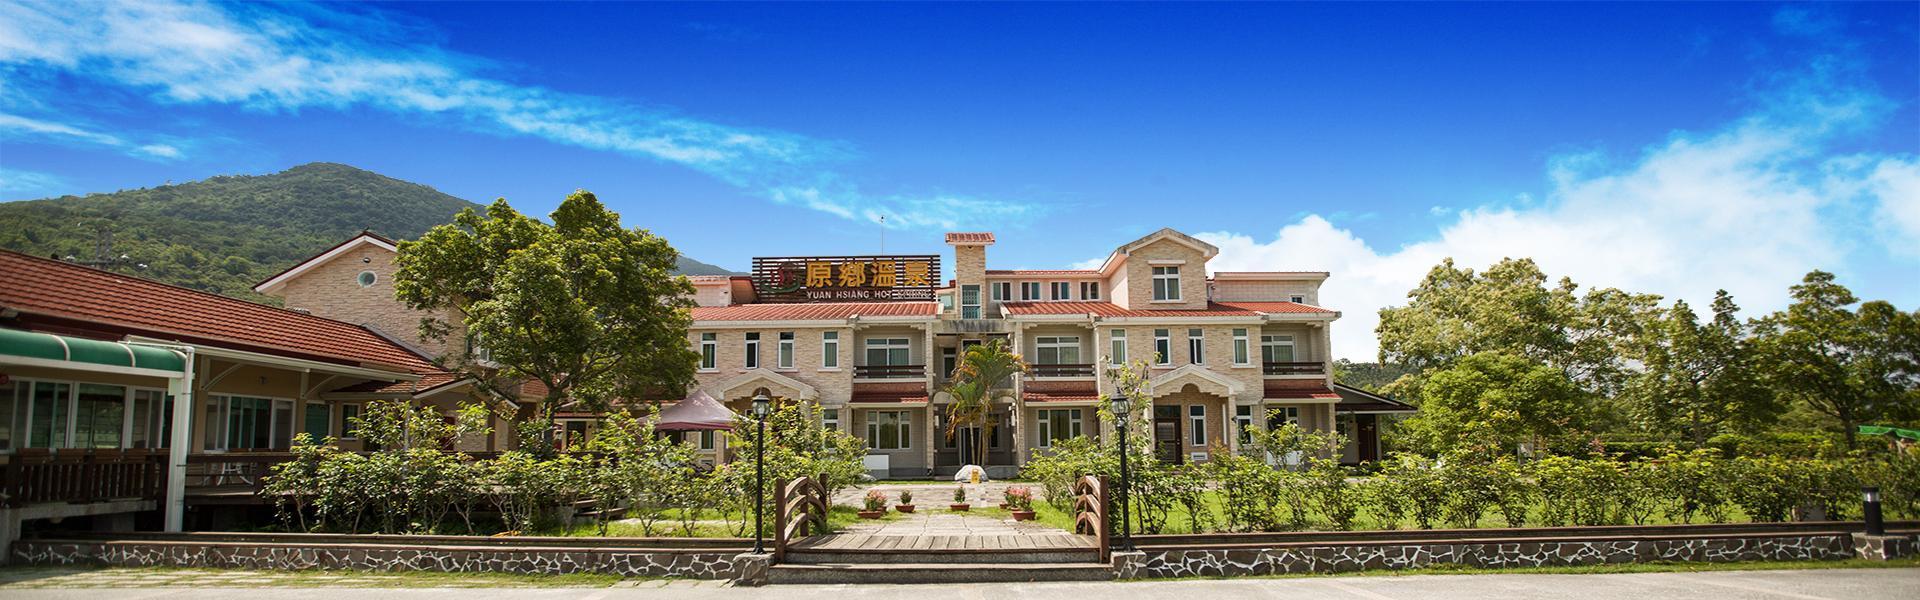 Yuan Hsiang Hot Spring Resort